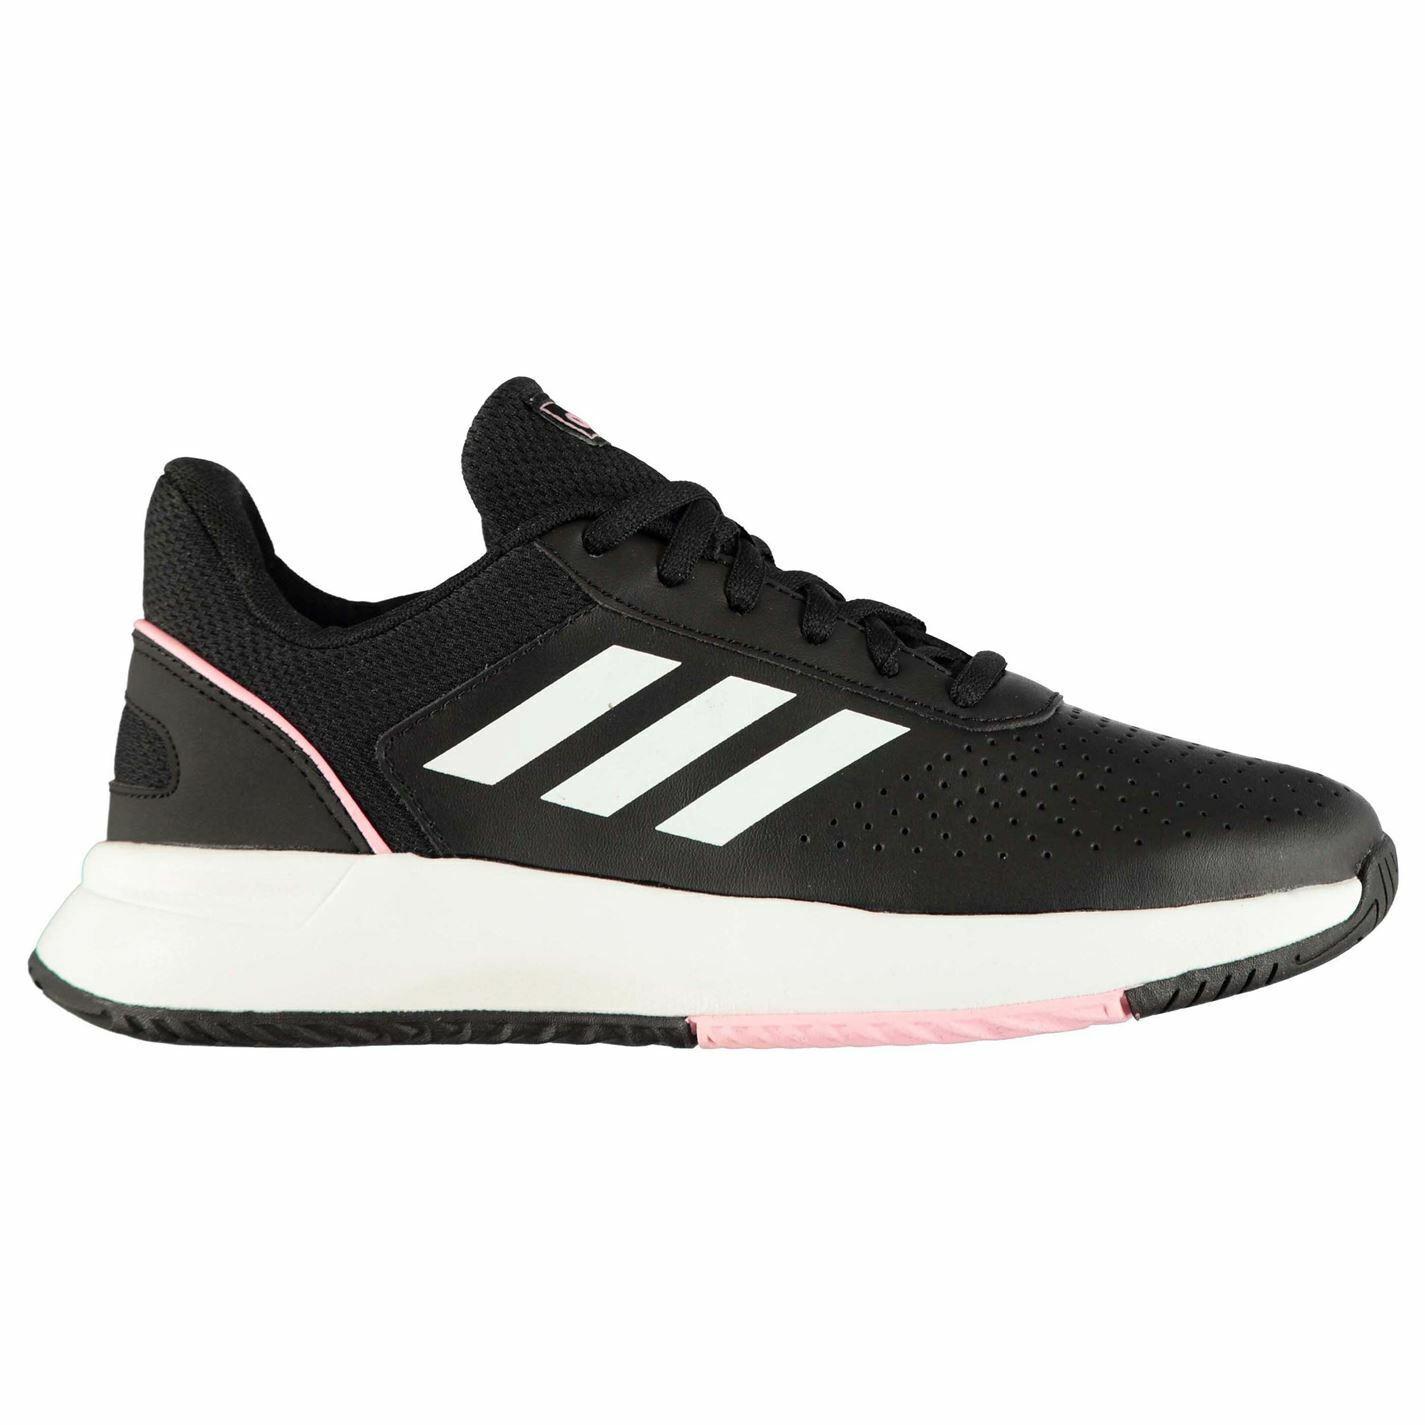 Tennis Turnschuhe Schuhe Courtsmash Damen Adidas 67Yfgvby